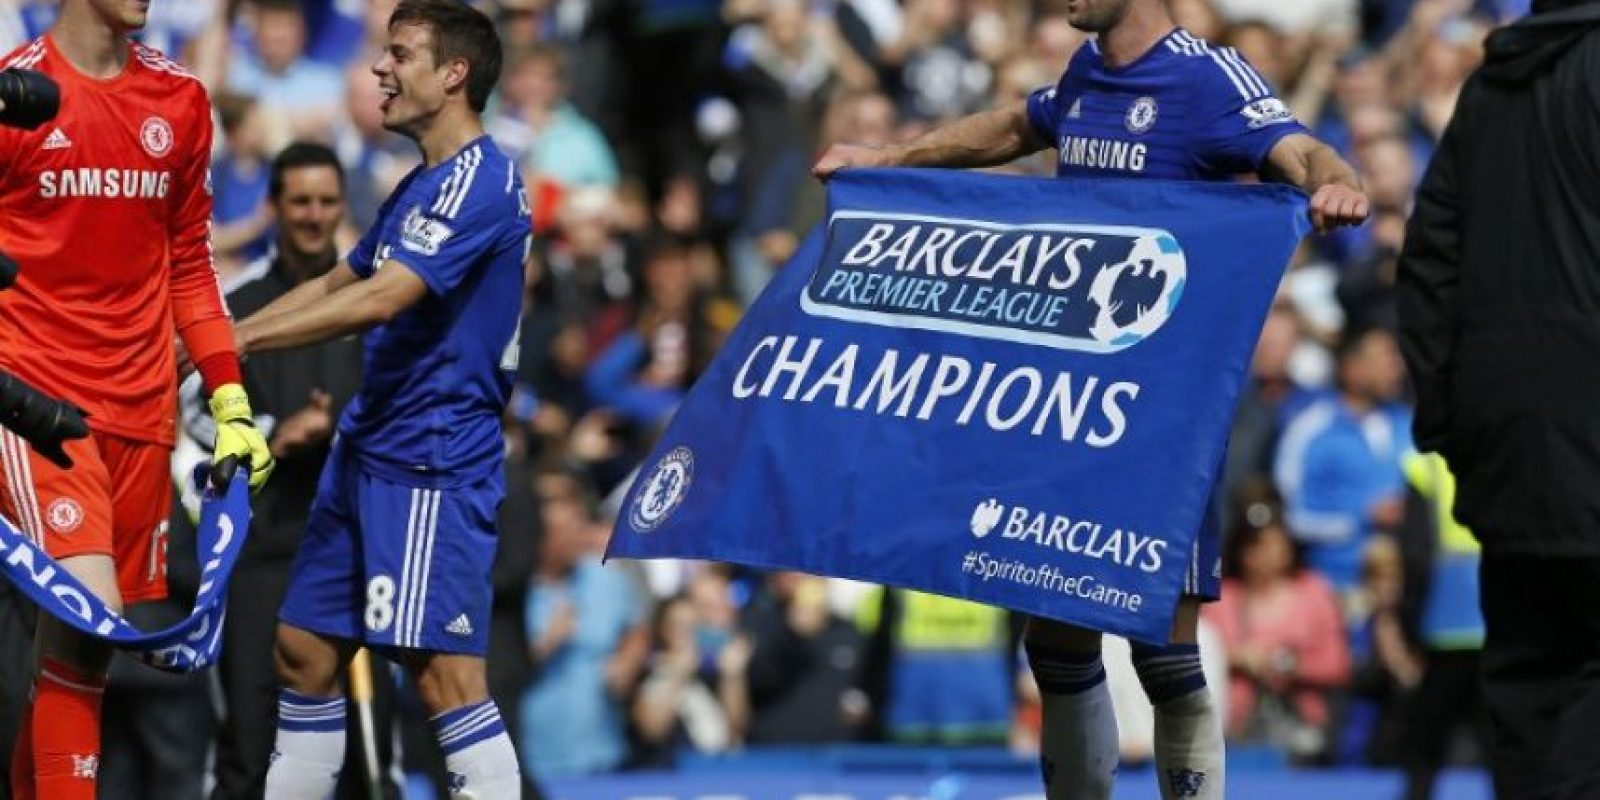 El equipo londinense se coronó con una victoria sobre el Crystal Palace. Foto:AFP